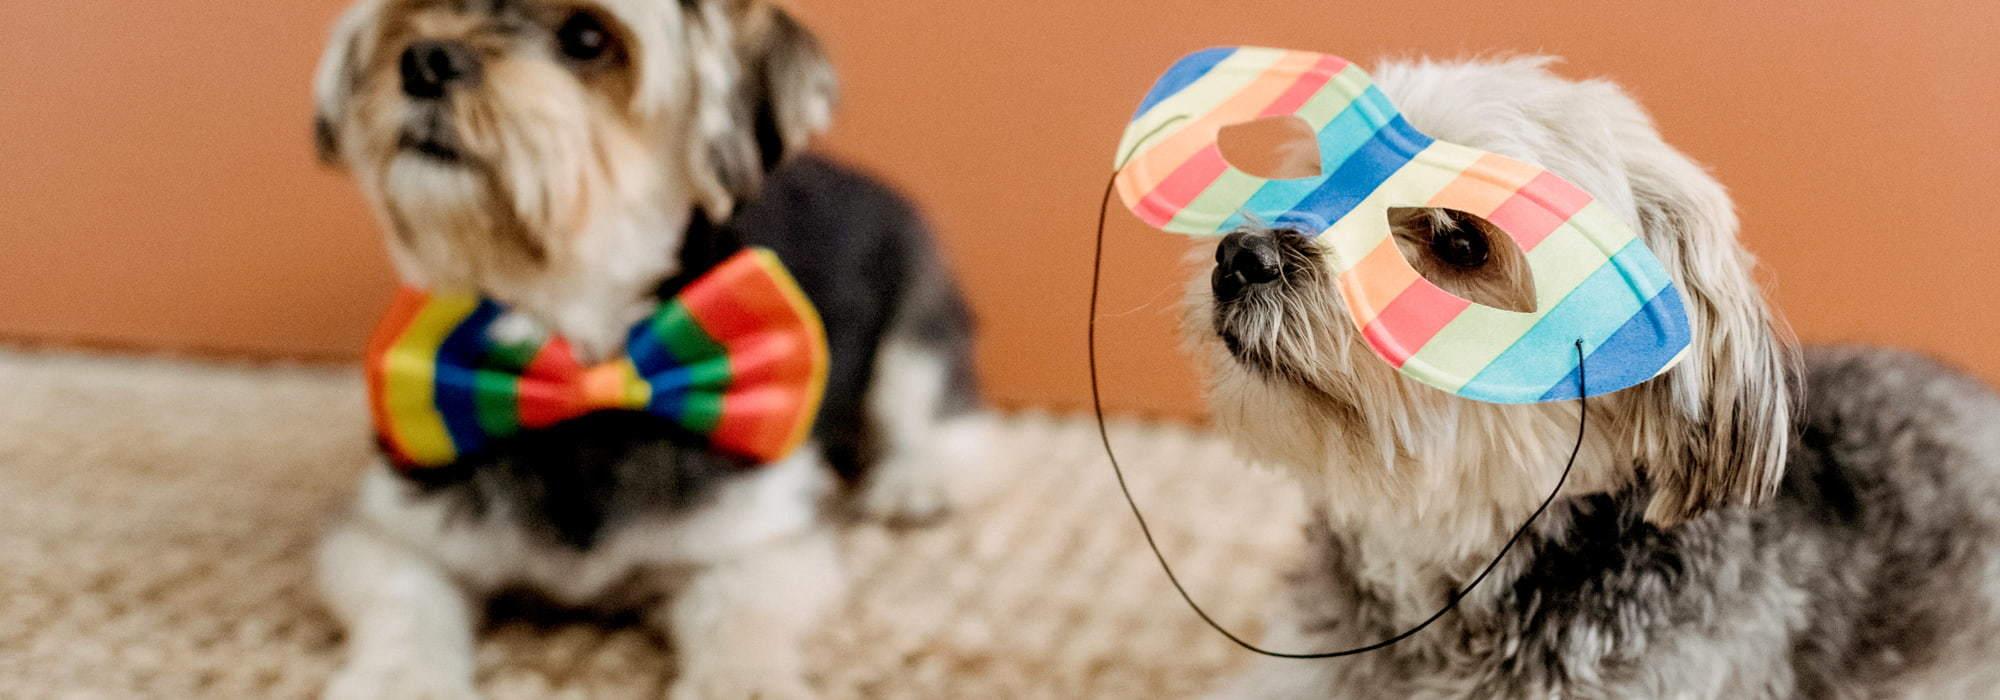 狗狗生日Party點慶祝?【3個寵物派對場地推介】|Kama Delivery到會外賣專家